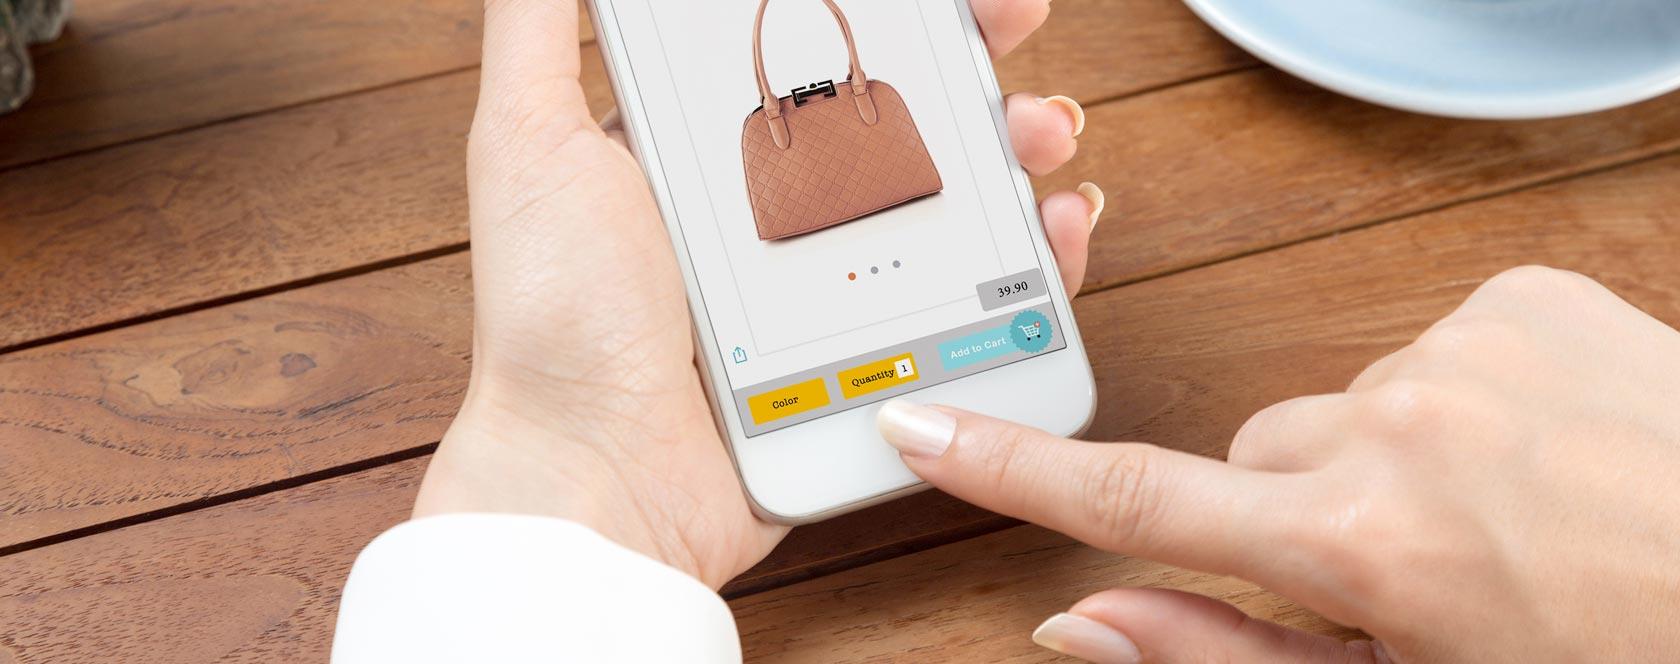 incontri online Markt Europa come evitare imbarazzo dopo un collegamento